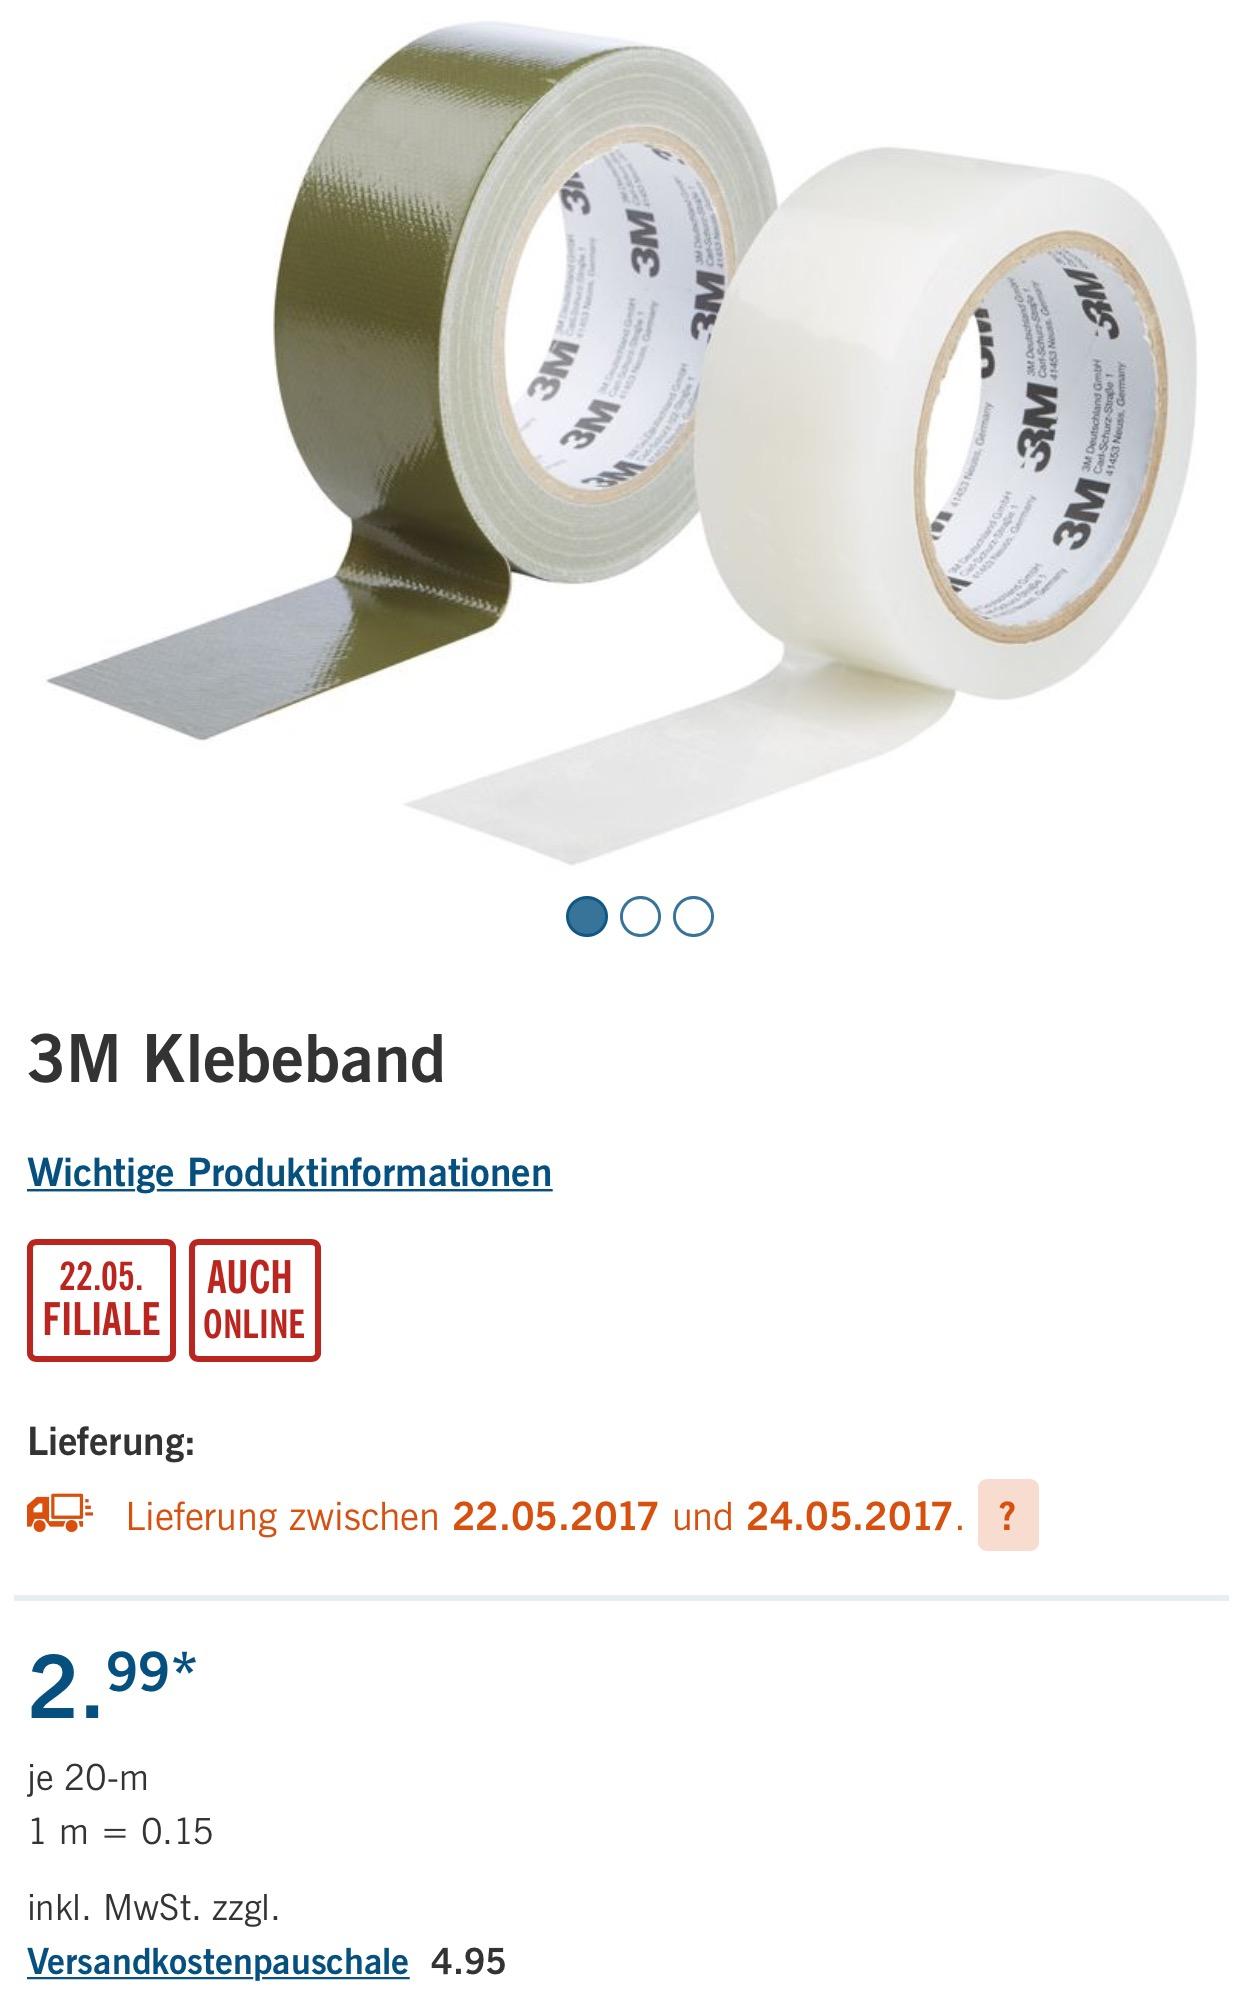 3M Allwetter- oder Outdoor-Gewebeklebeband 20m für 2,99€ [Lidl]